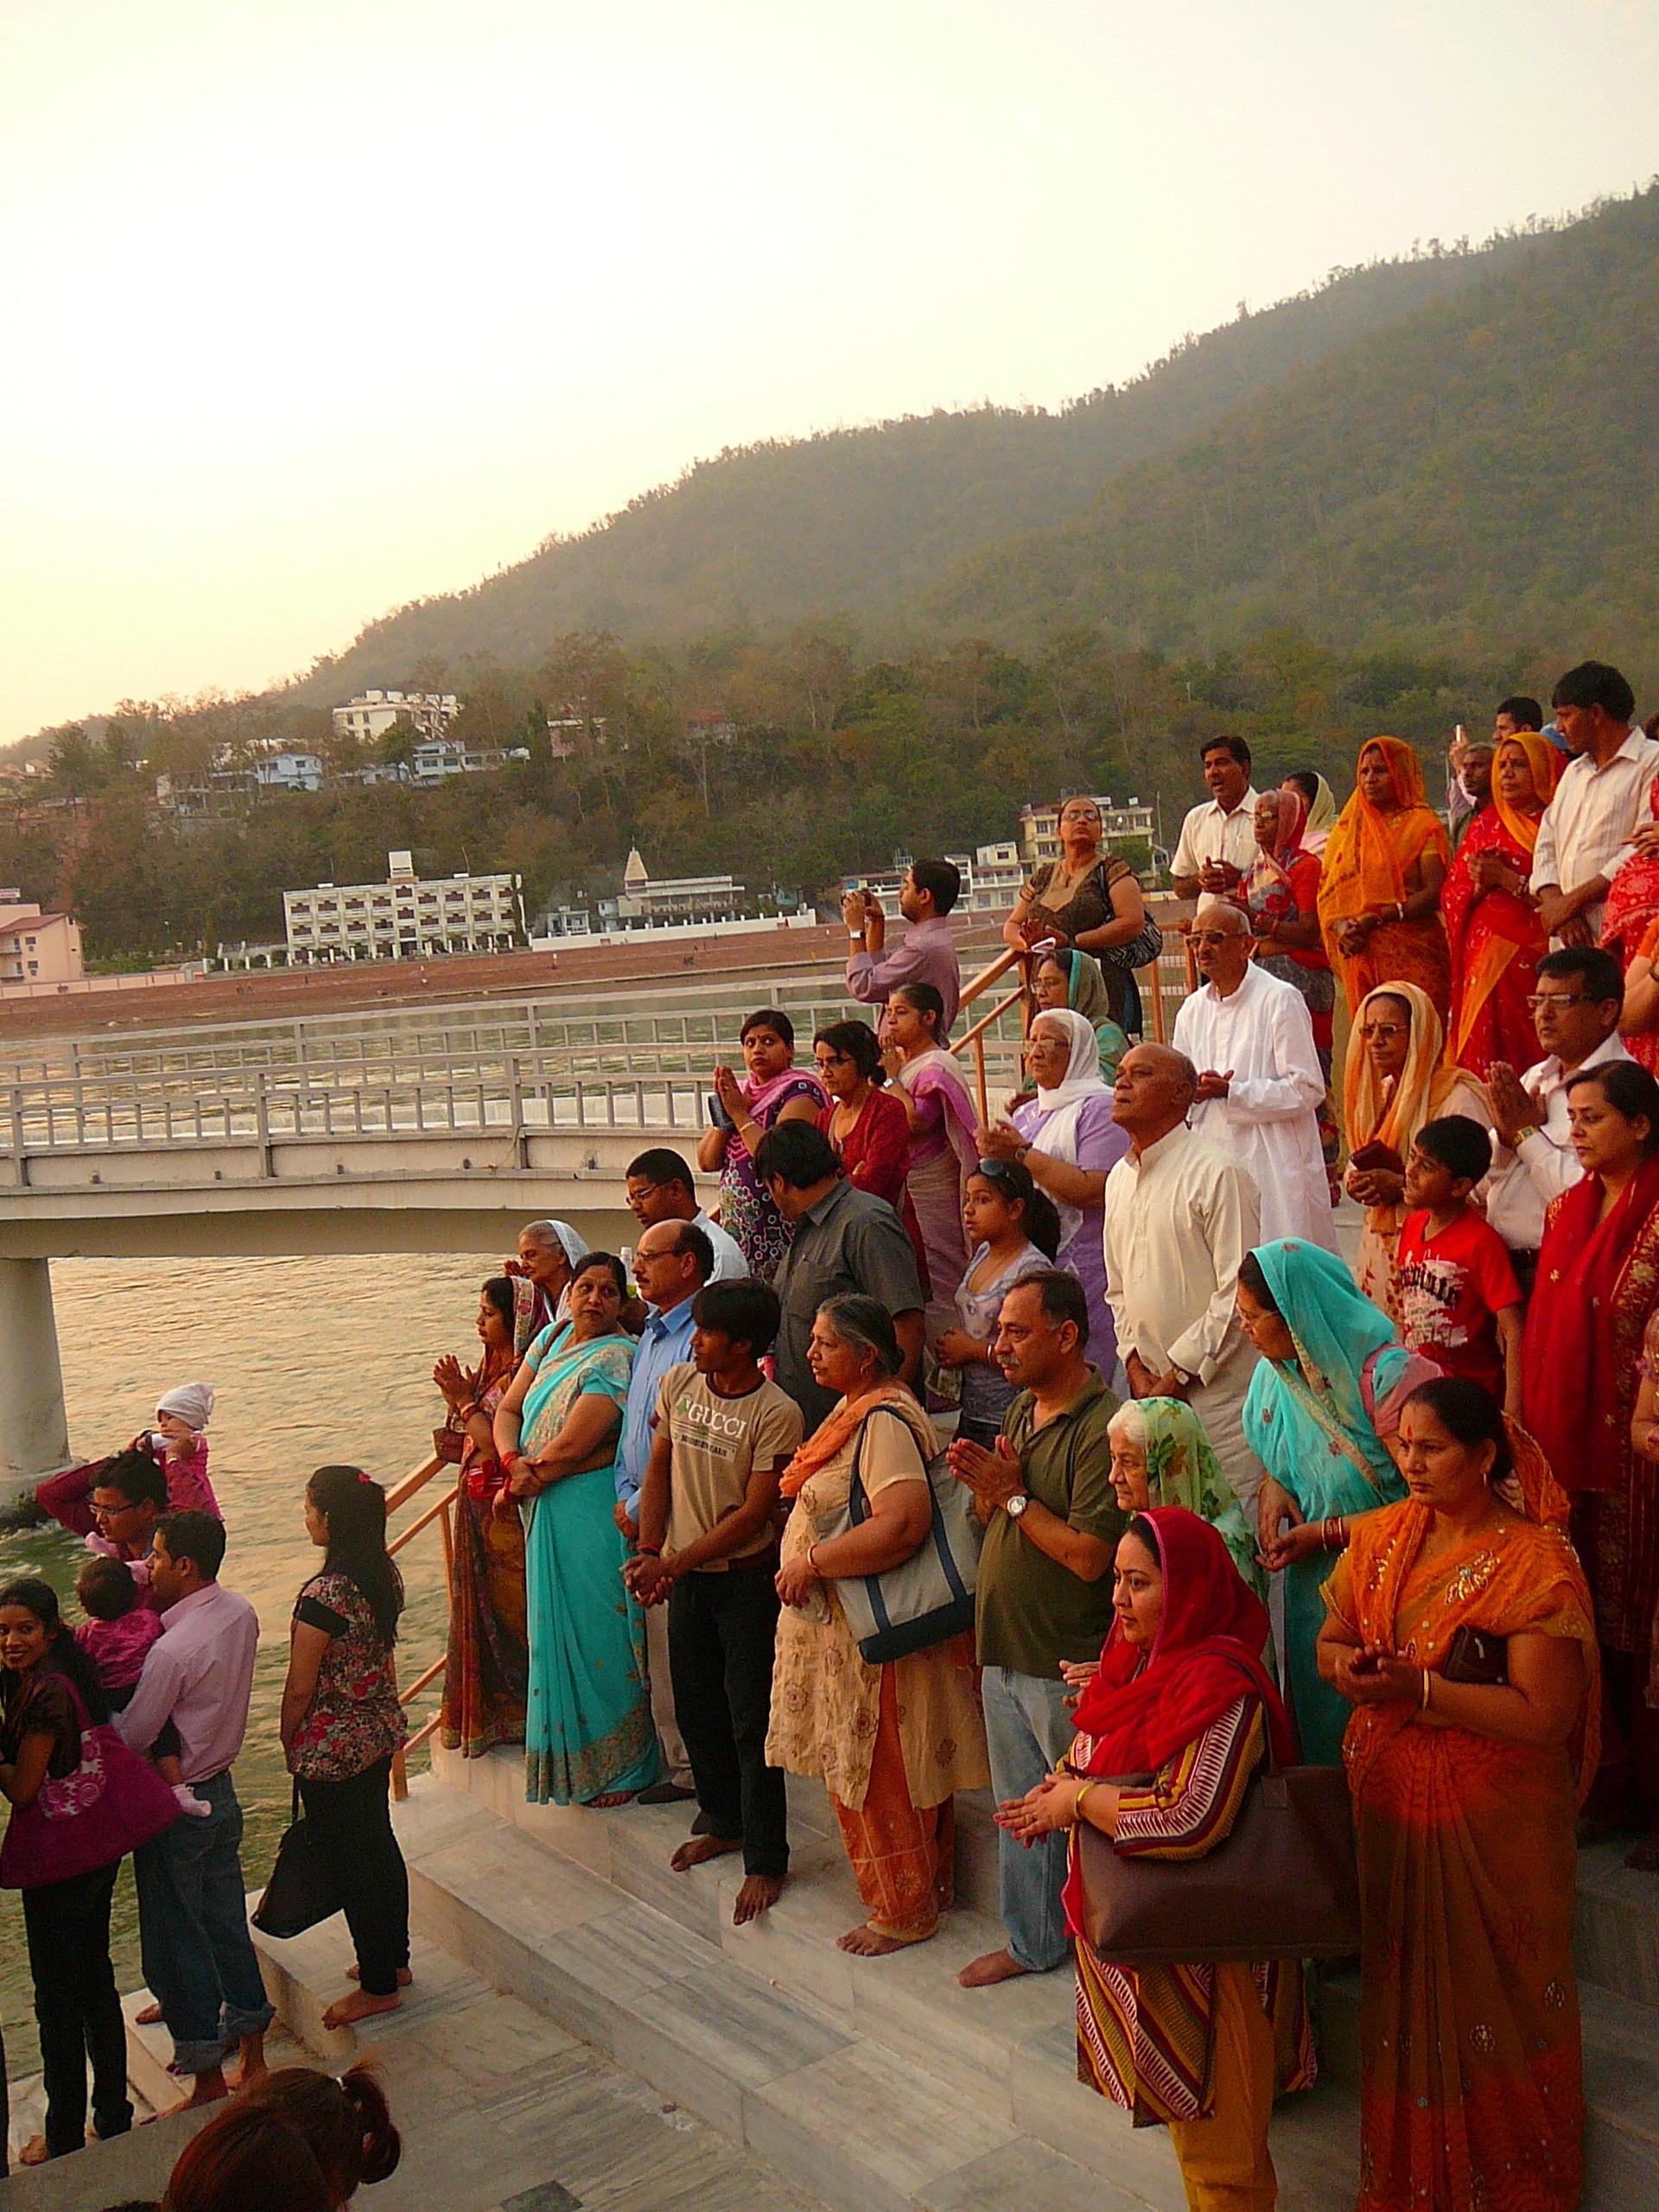 Церемония огня берег Ганги